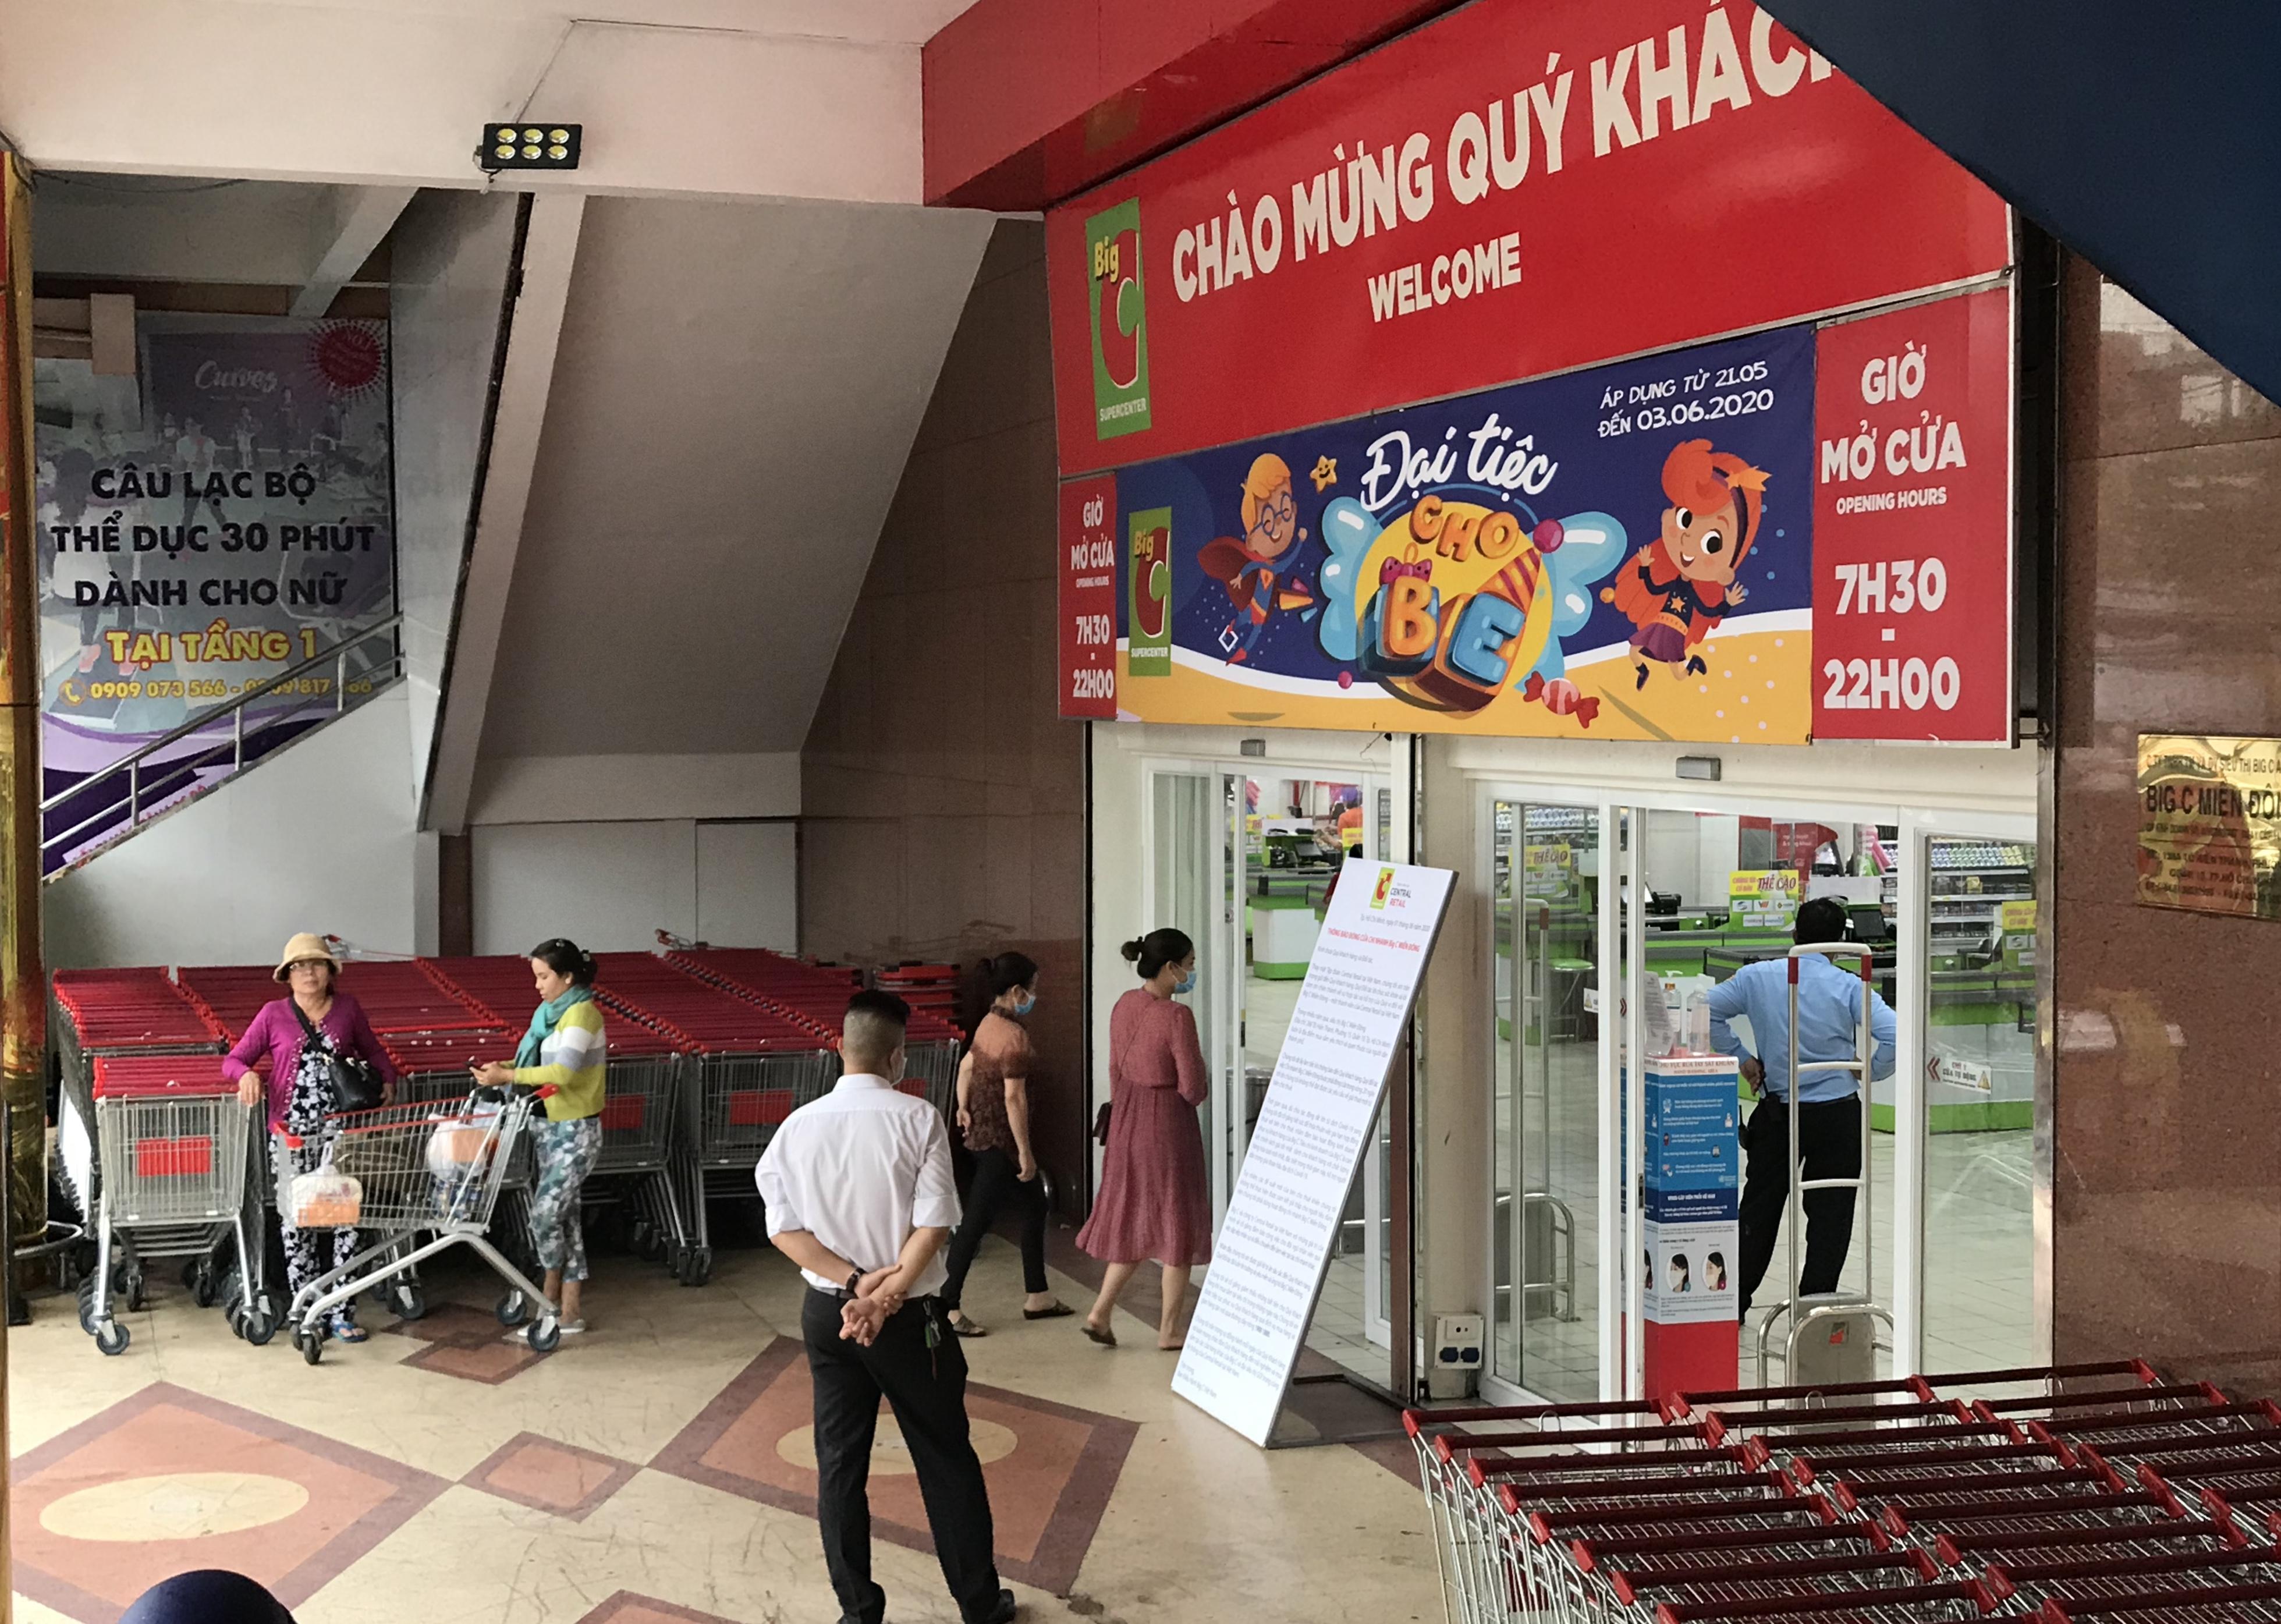 Big C miền Đông bất ngờ thông báo đóng cửa, người tiêu dùng sững sờ, siêu thị vắng lặng chiều nay - Ảnh 4.